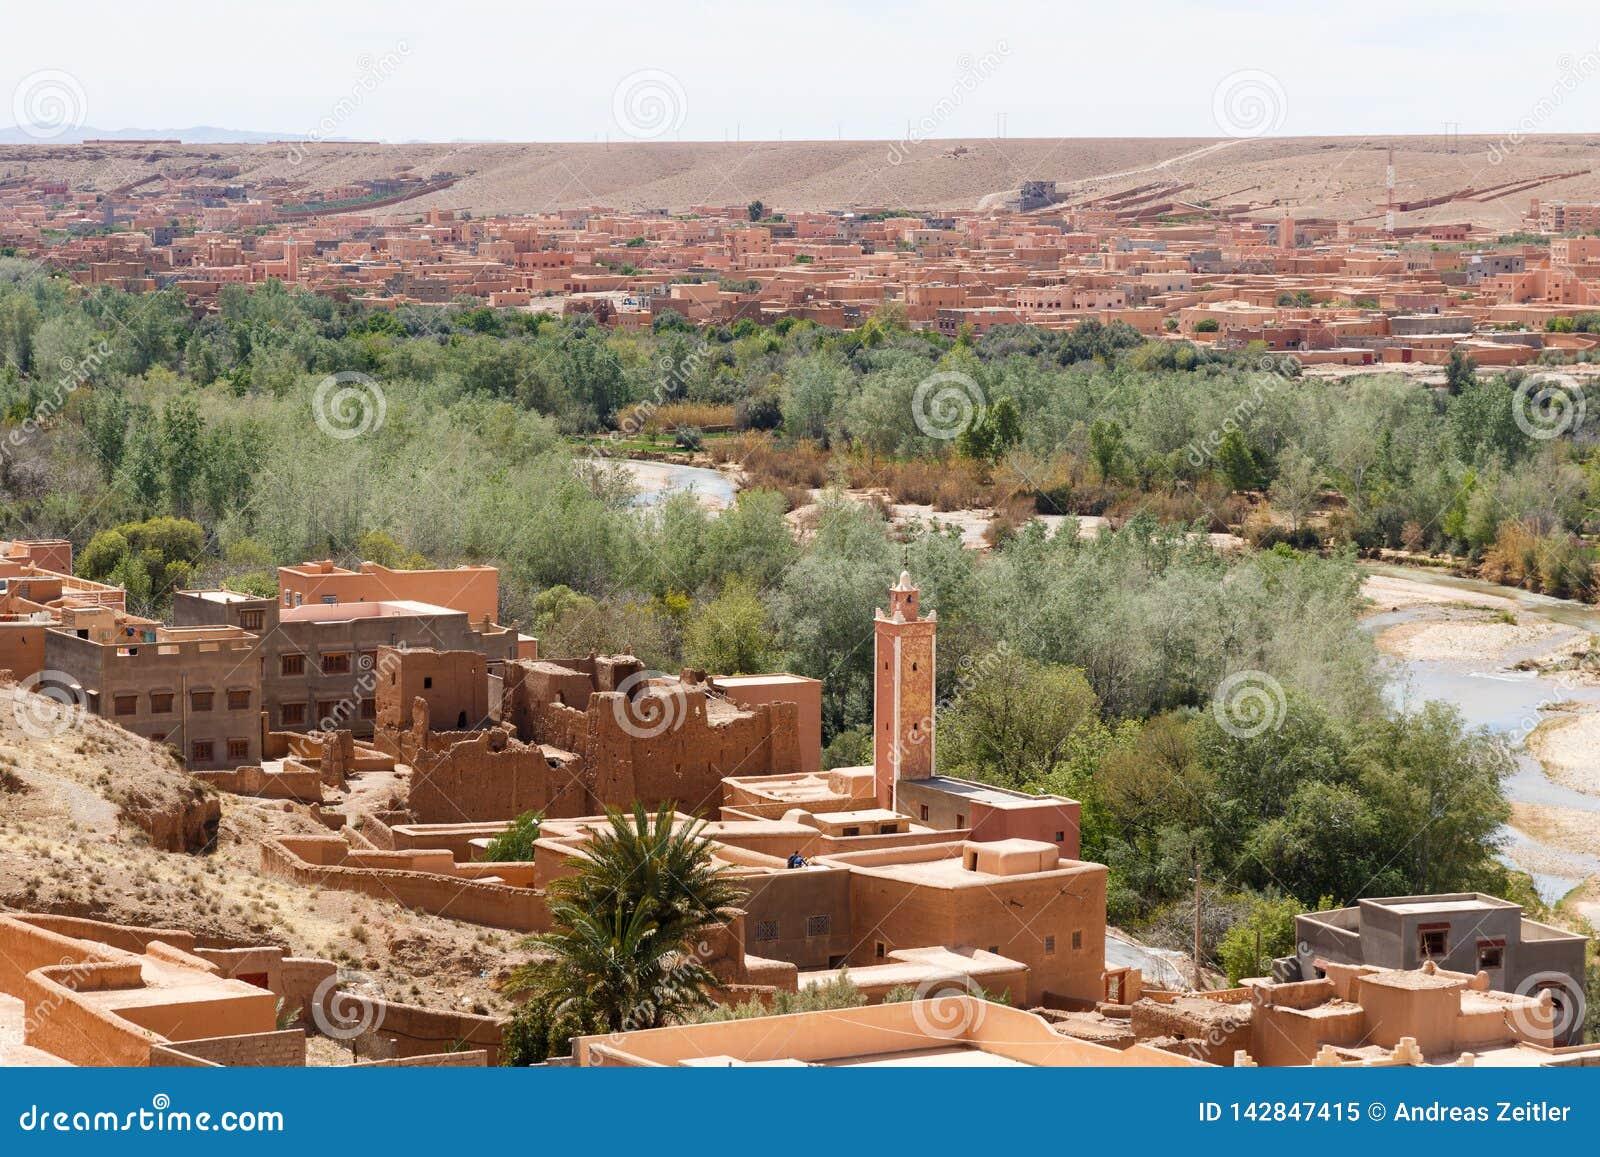 Cidade fortificada ao longo da rota anterior da caravana entre o Sahara e a C4marraquexe em Marrocos com cordilheira coberto de n